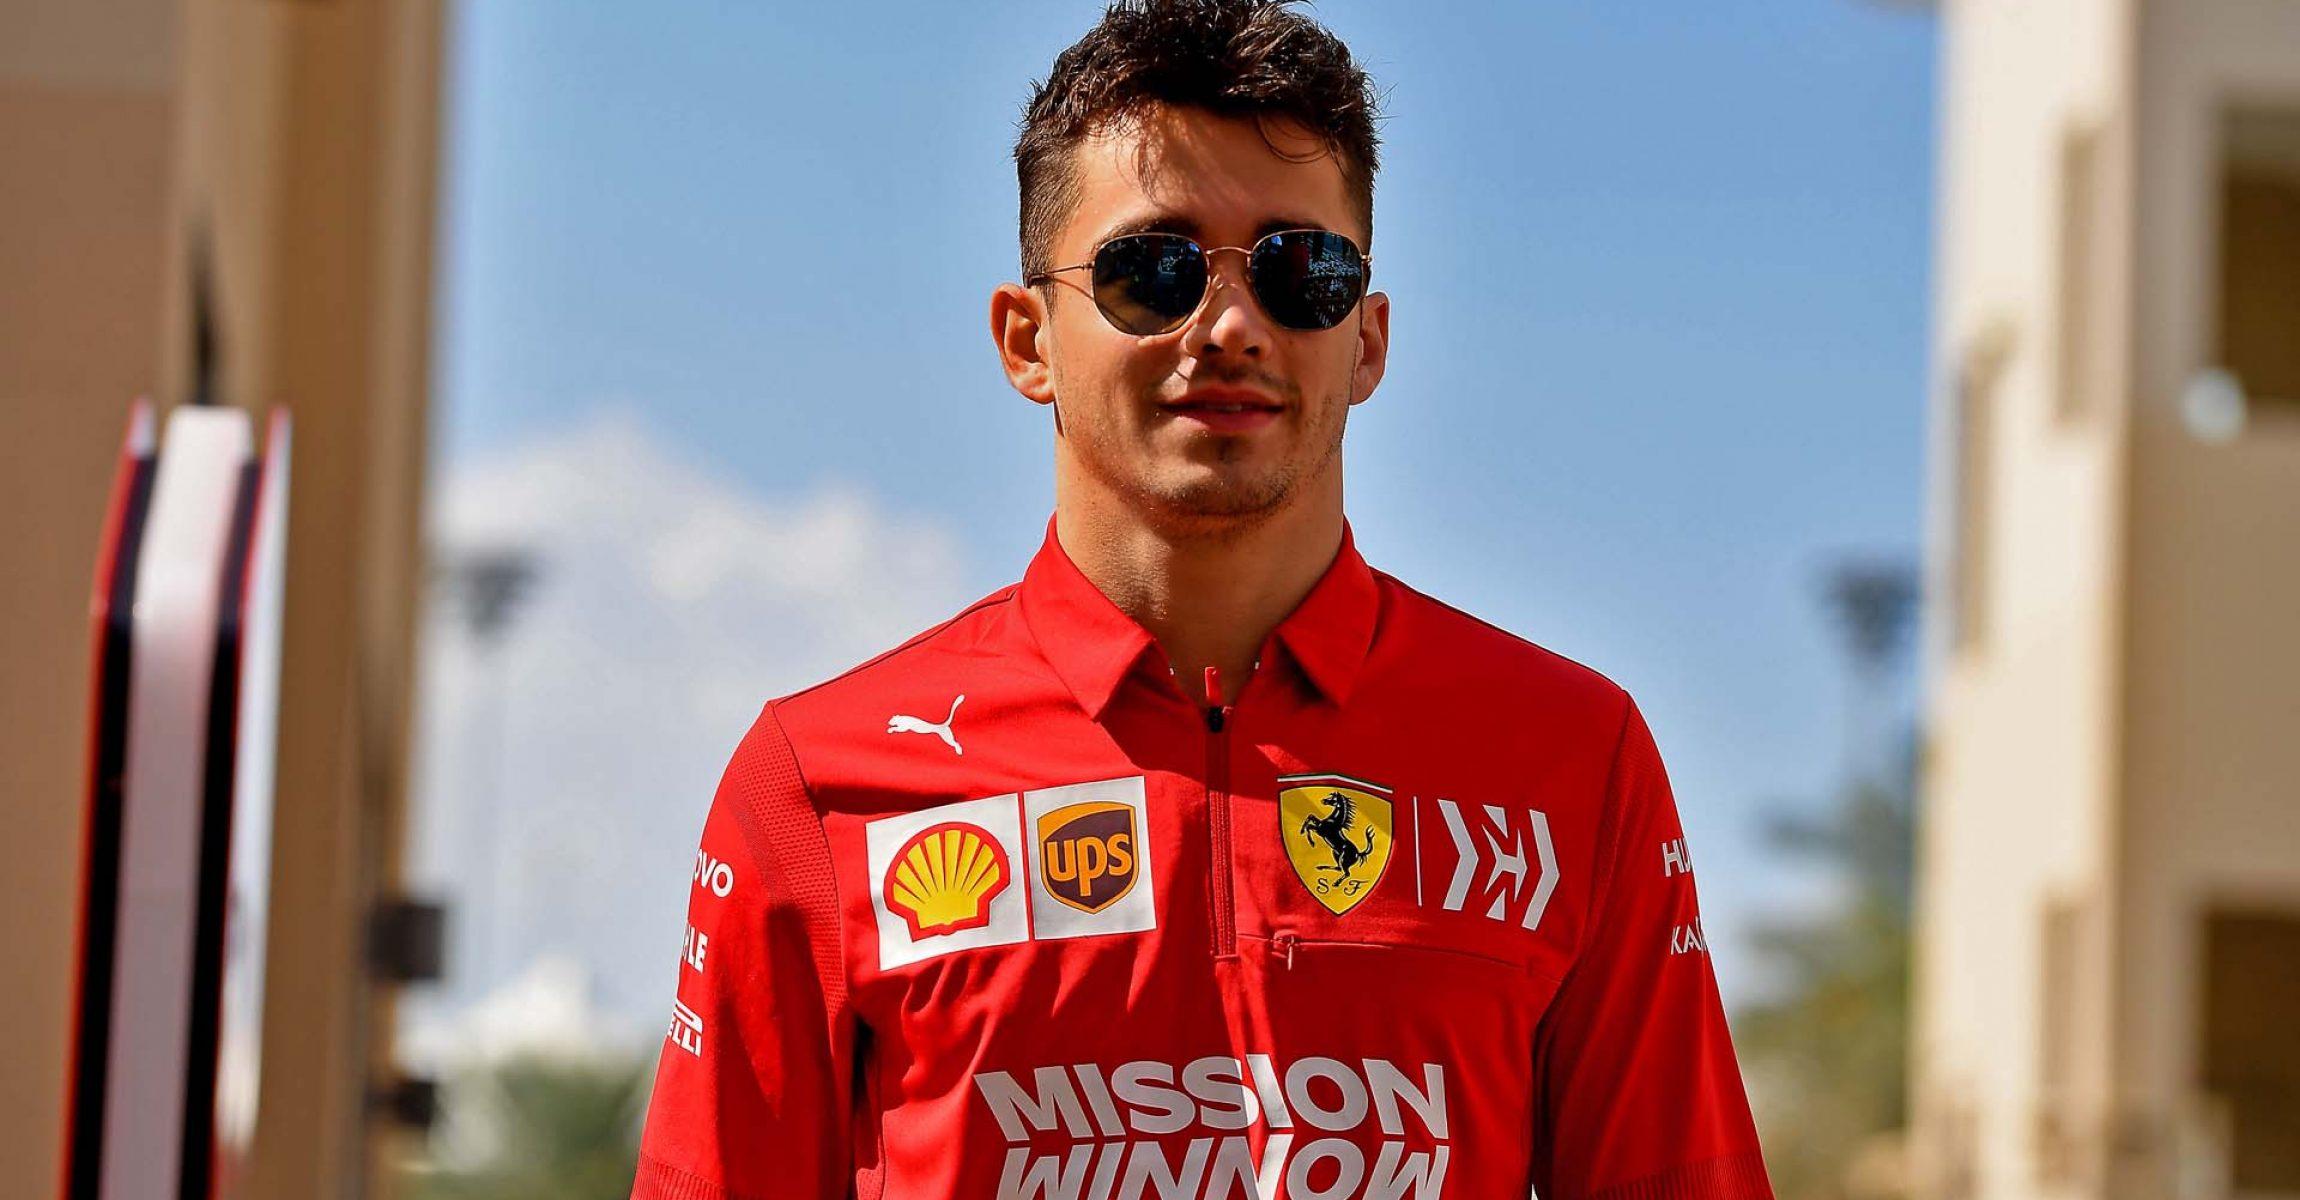 GP ABU DHABI F1/2019 - VENERDÌ 29/11/2019 credit: @Scuderia Ferrari Press Office Charles Leclerc